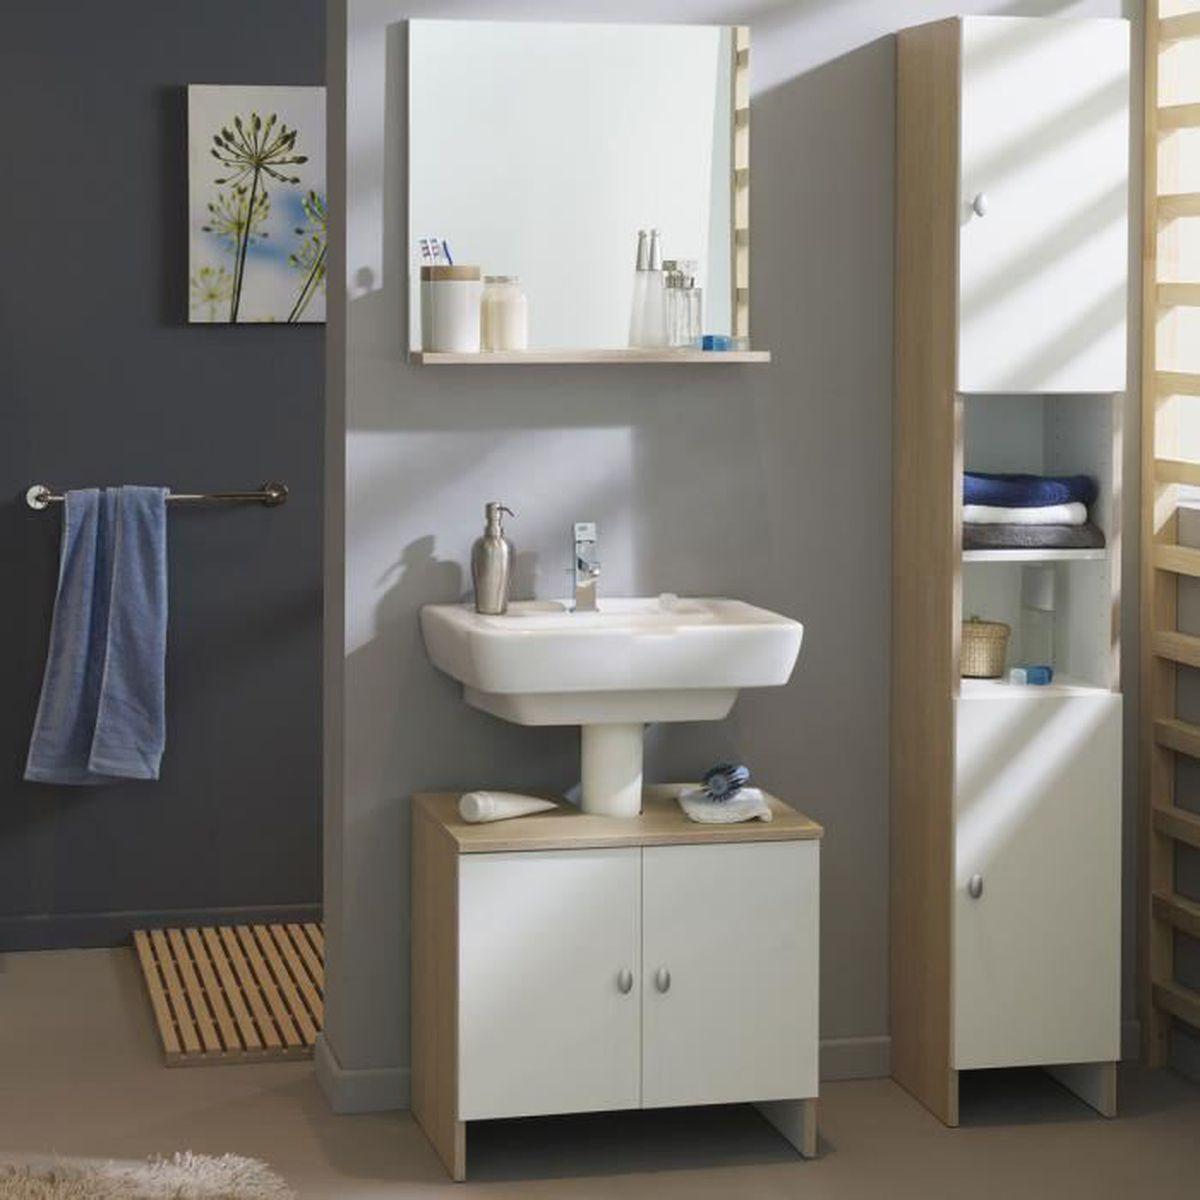 ensemble meuble sous lavabo colonne miroir baltimore. Black Bedroom Furniture Sets. Home Design Ideas